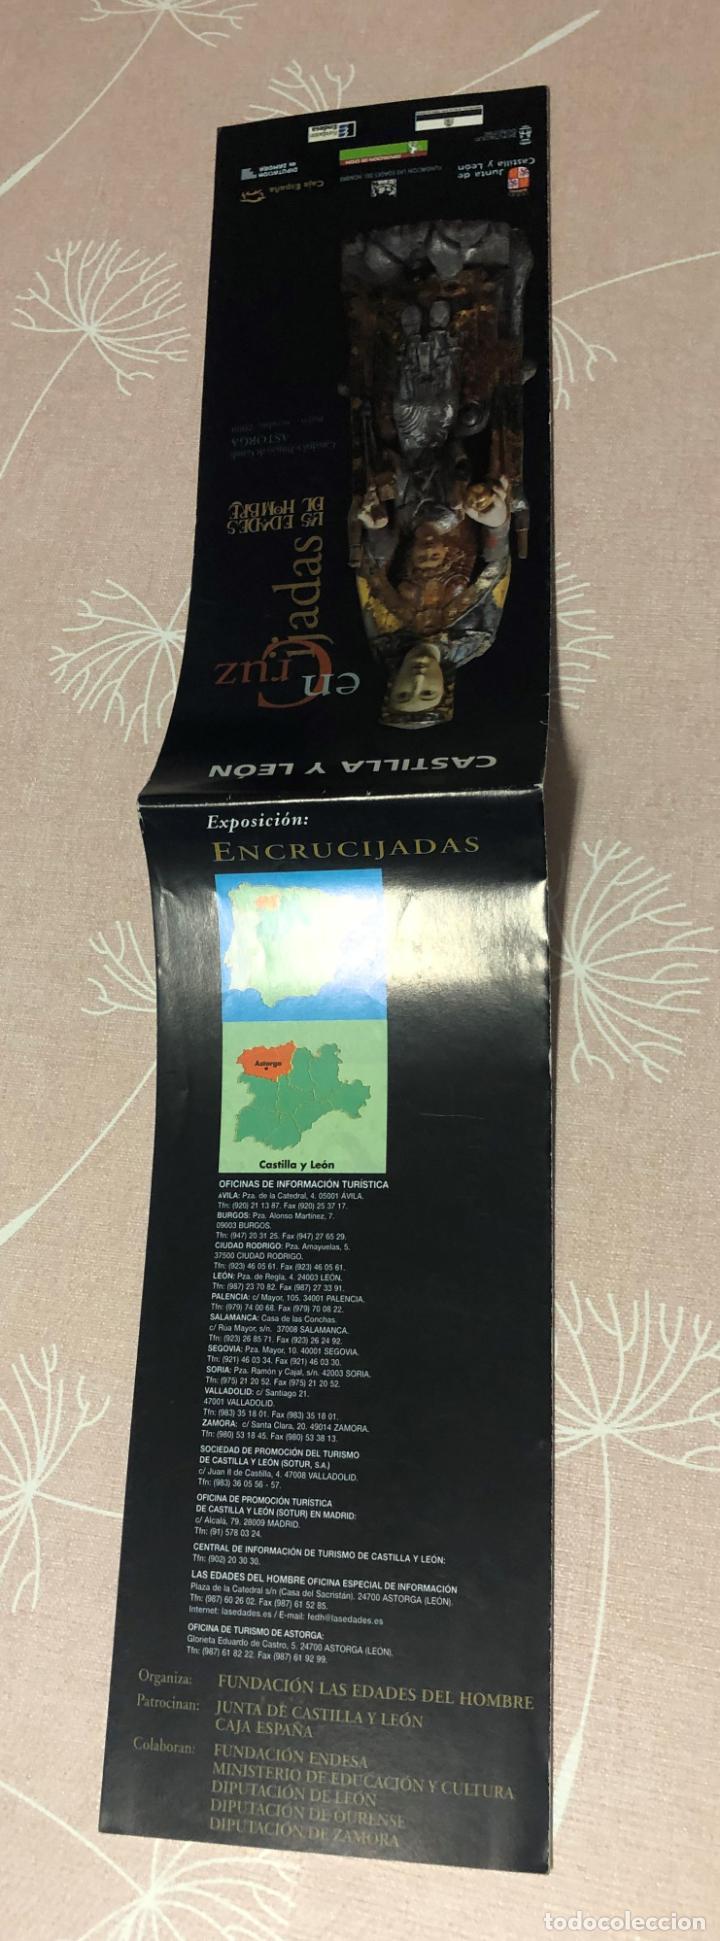 Folletos de turismo: FOLLETO ENCRUCIJADAS, EXPOSICION LAS EDADES DEL HOMBRE ASTORGA, AÑO 2000, RUTAS Y MAPA DIOCESIS - Foto 4 - 208987208